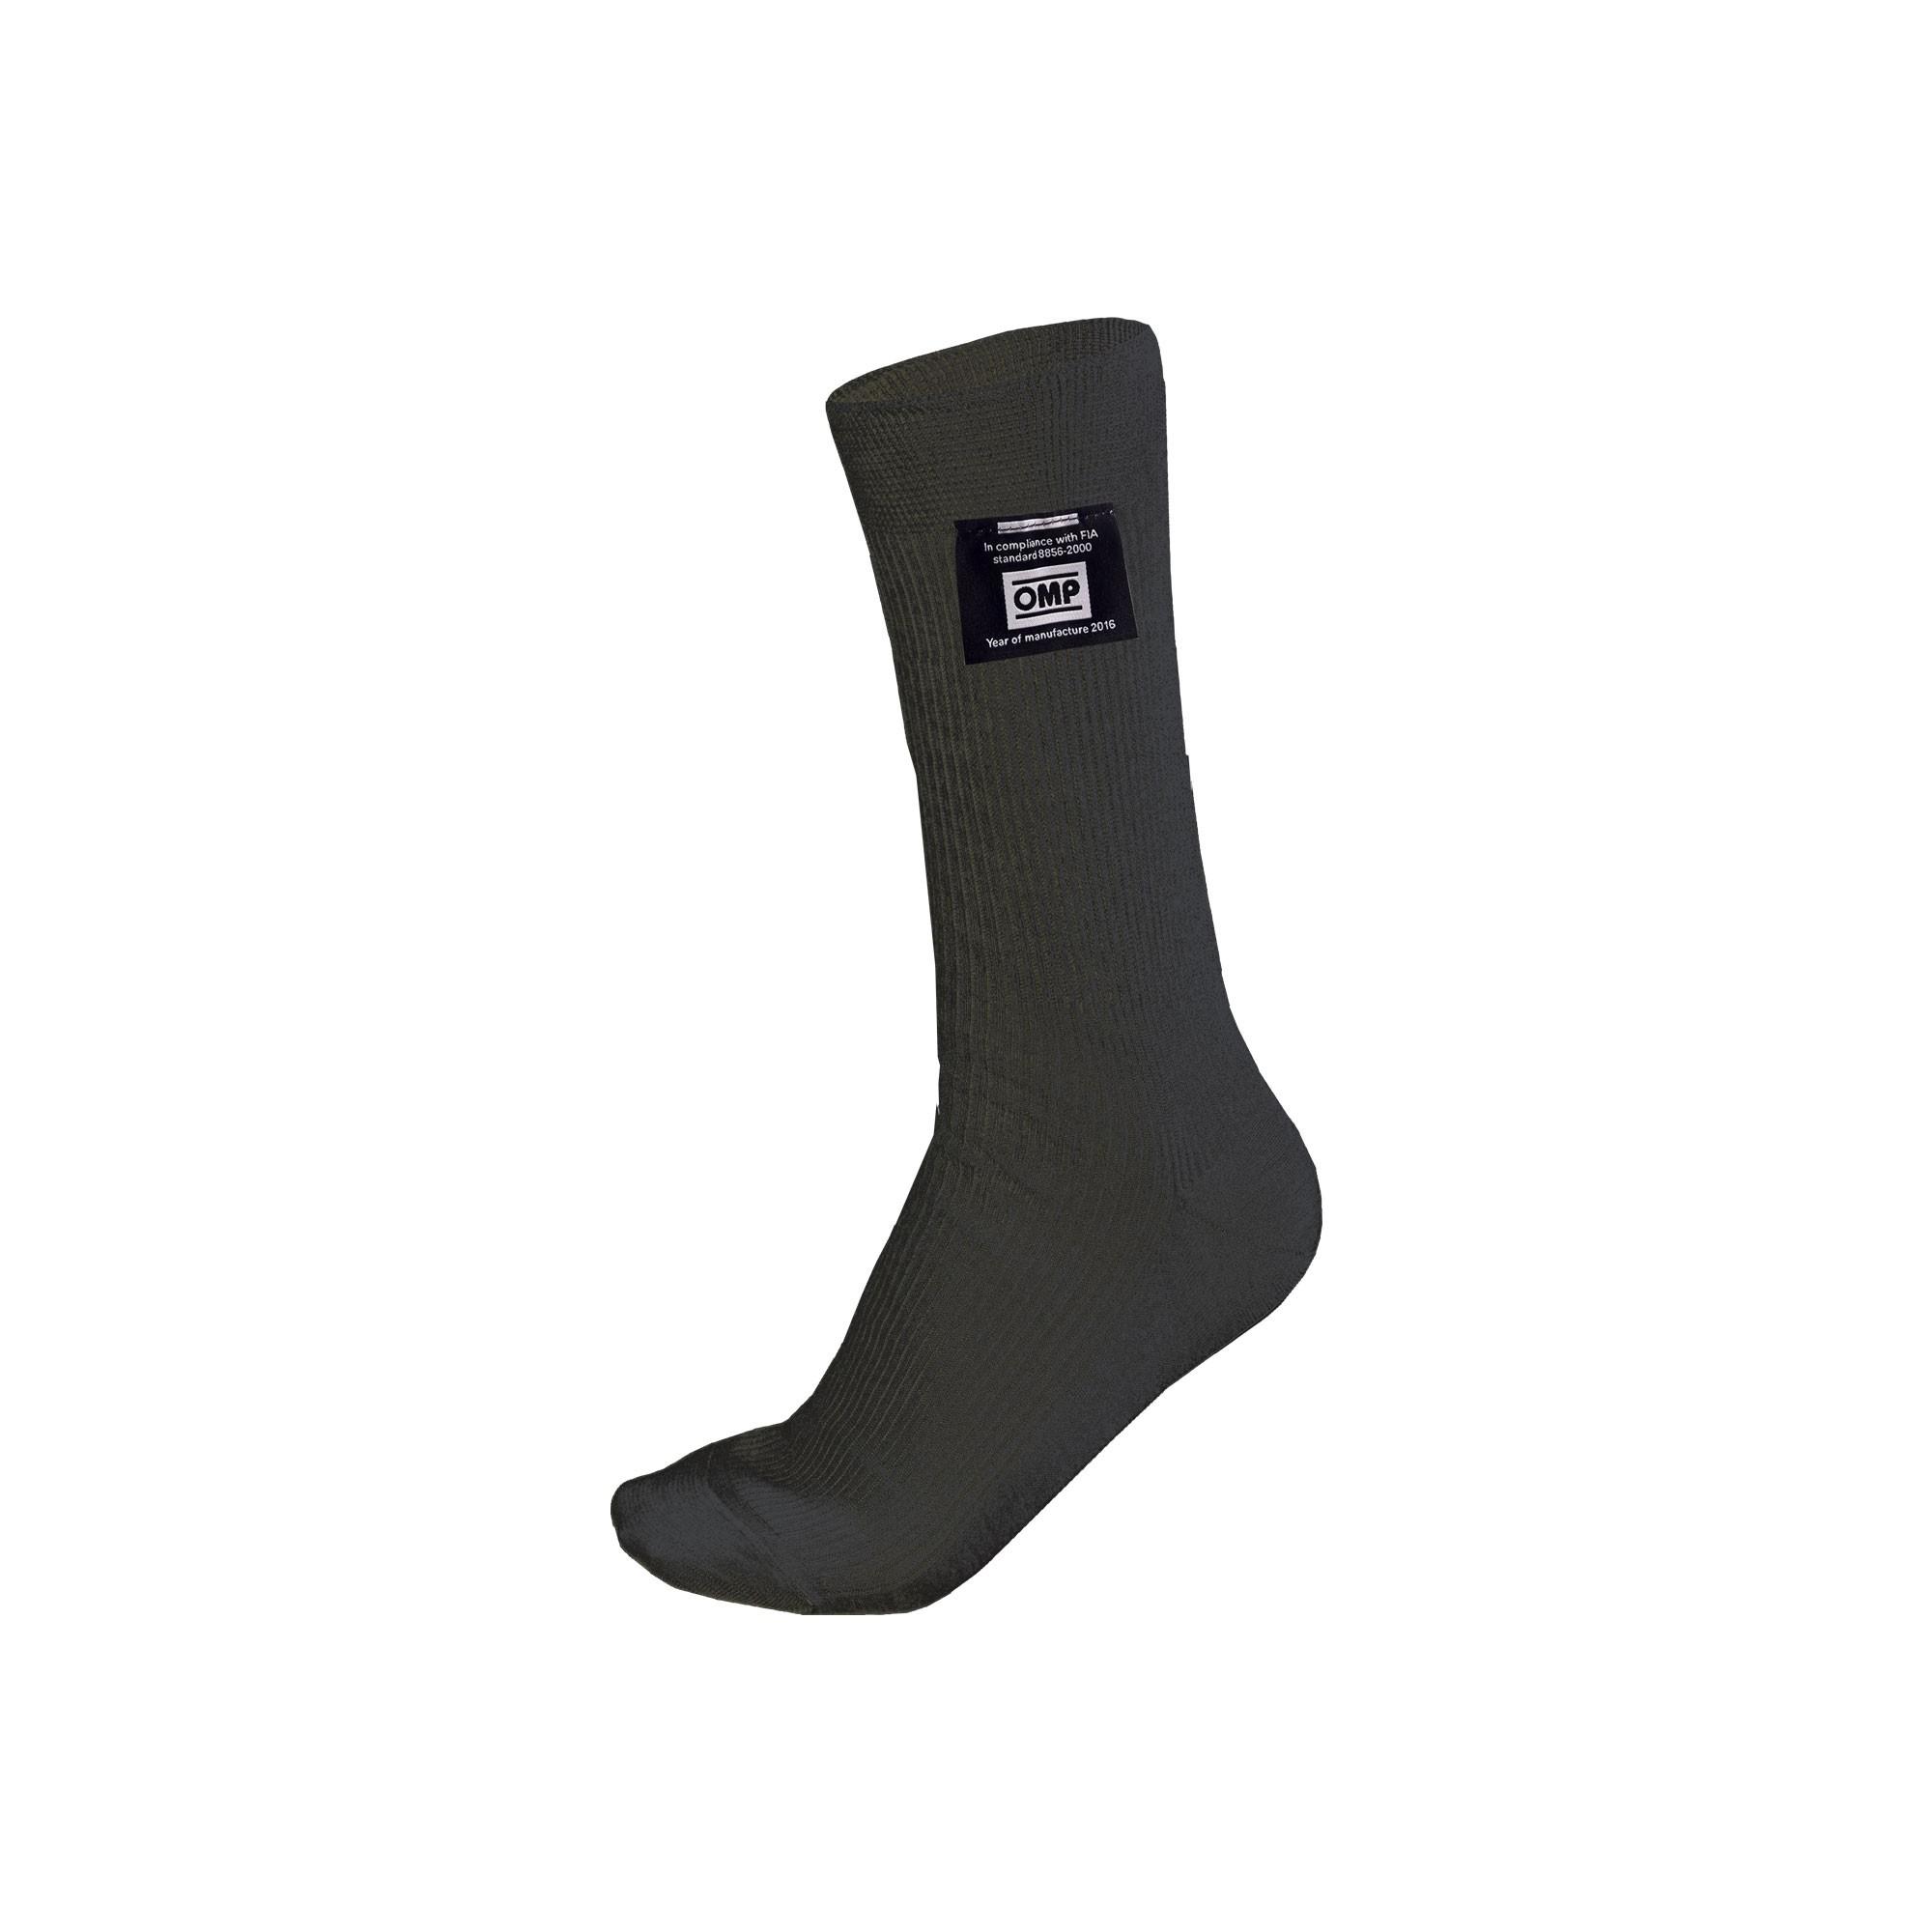 Racing socks - IAA/724